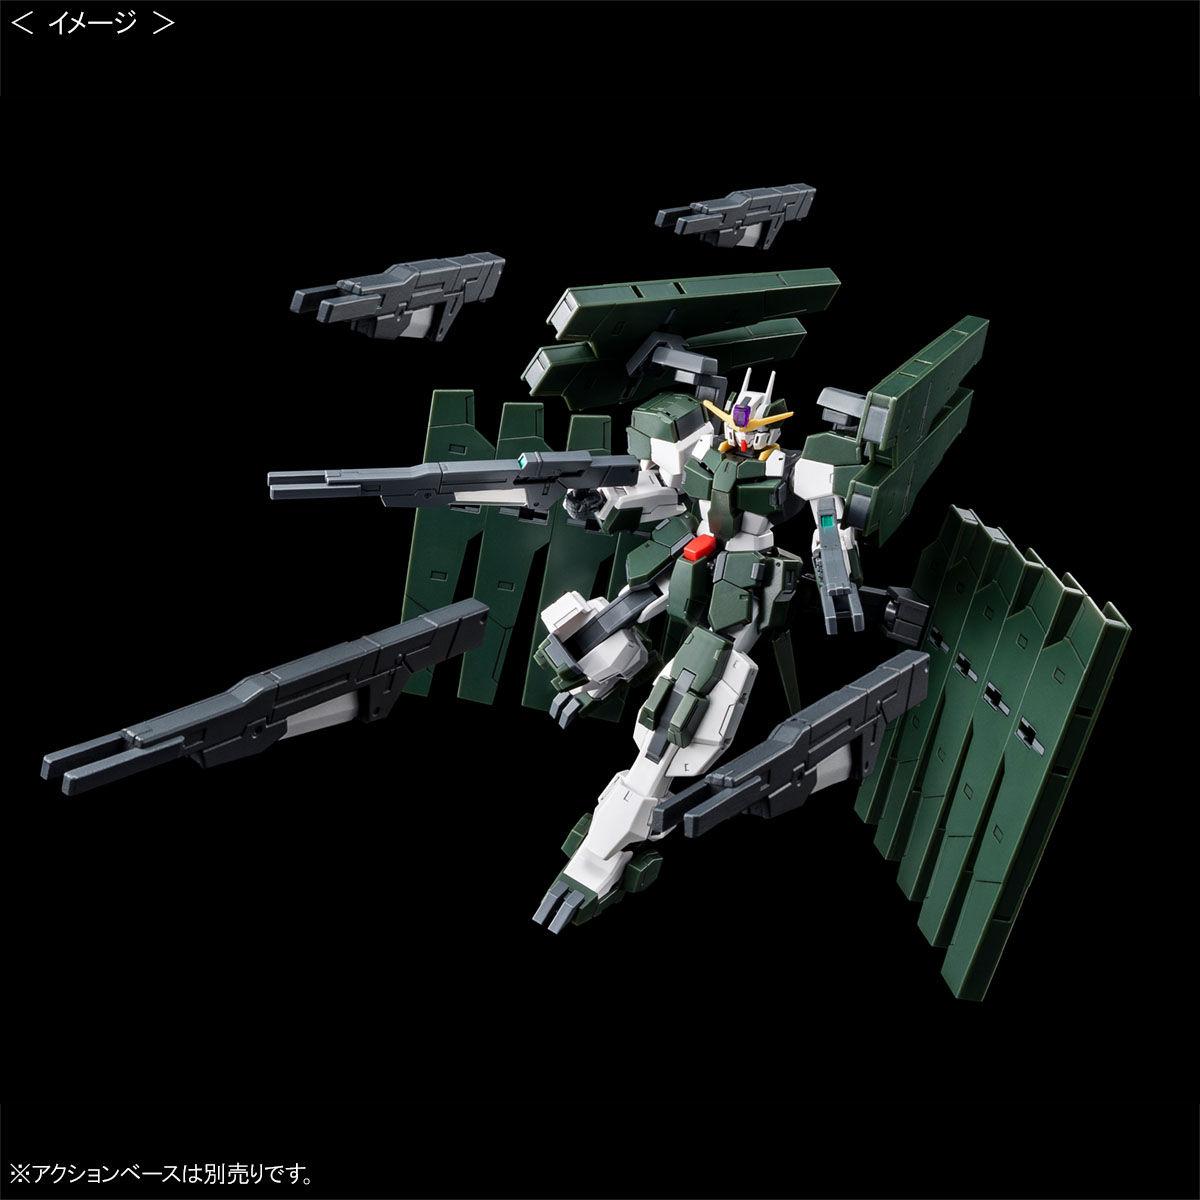 【限定販売】HG 1/144『ガンダムサバーニャ(最終決戦仕様)』ガンダム00 プラモデル-005